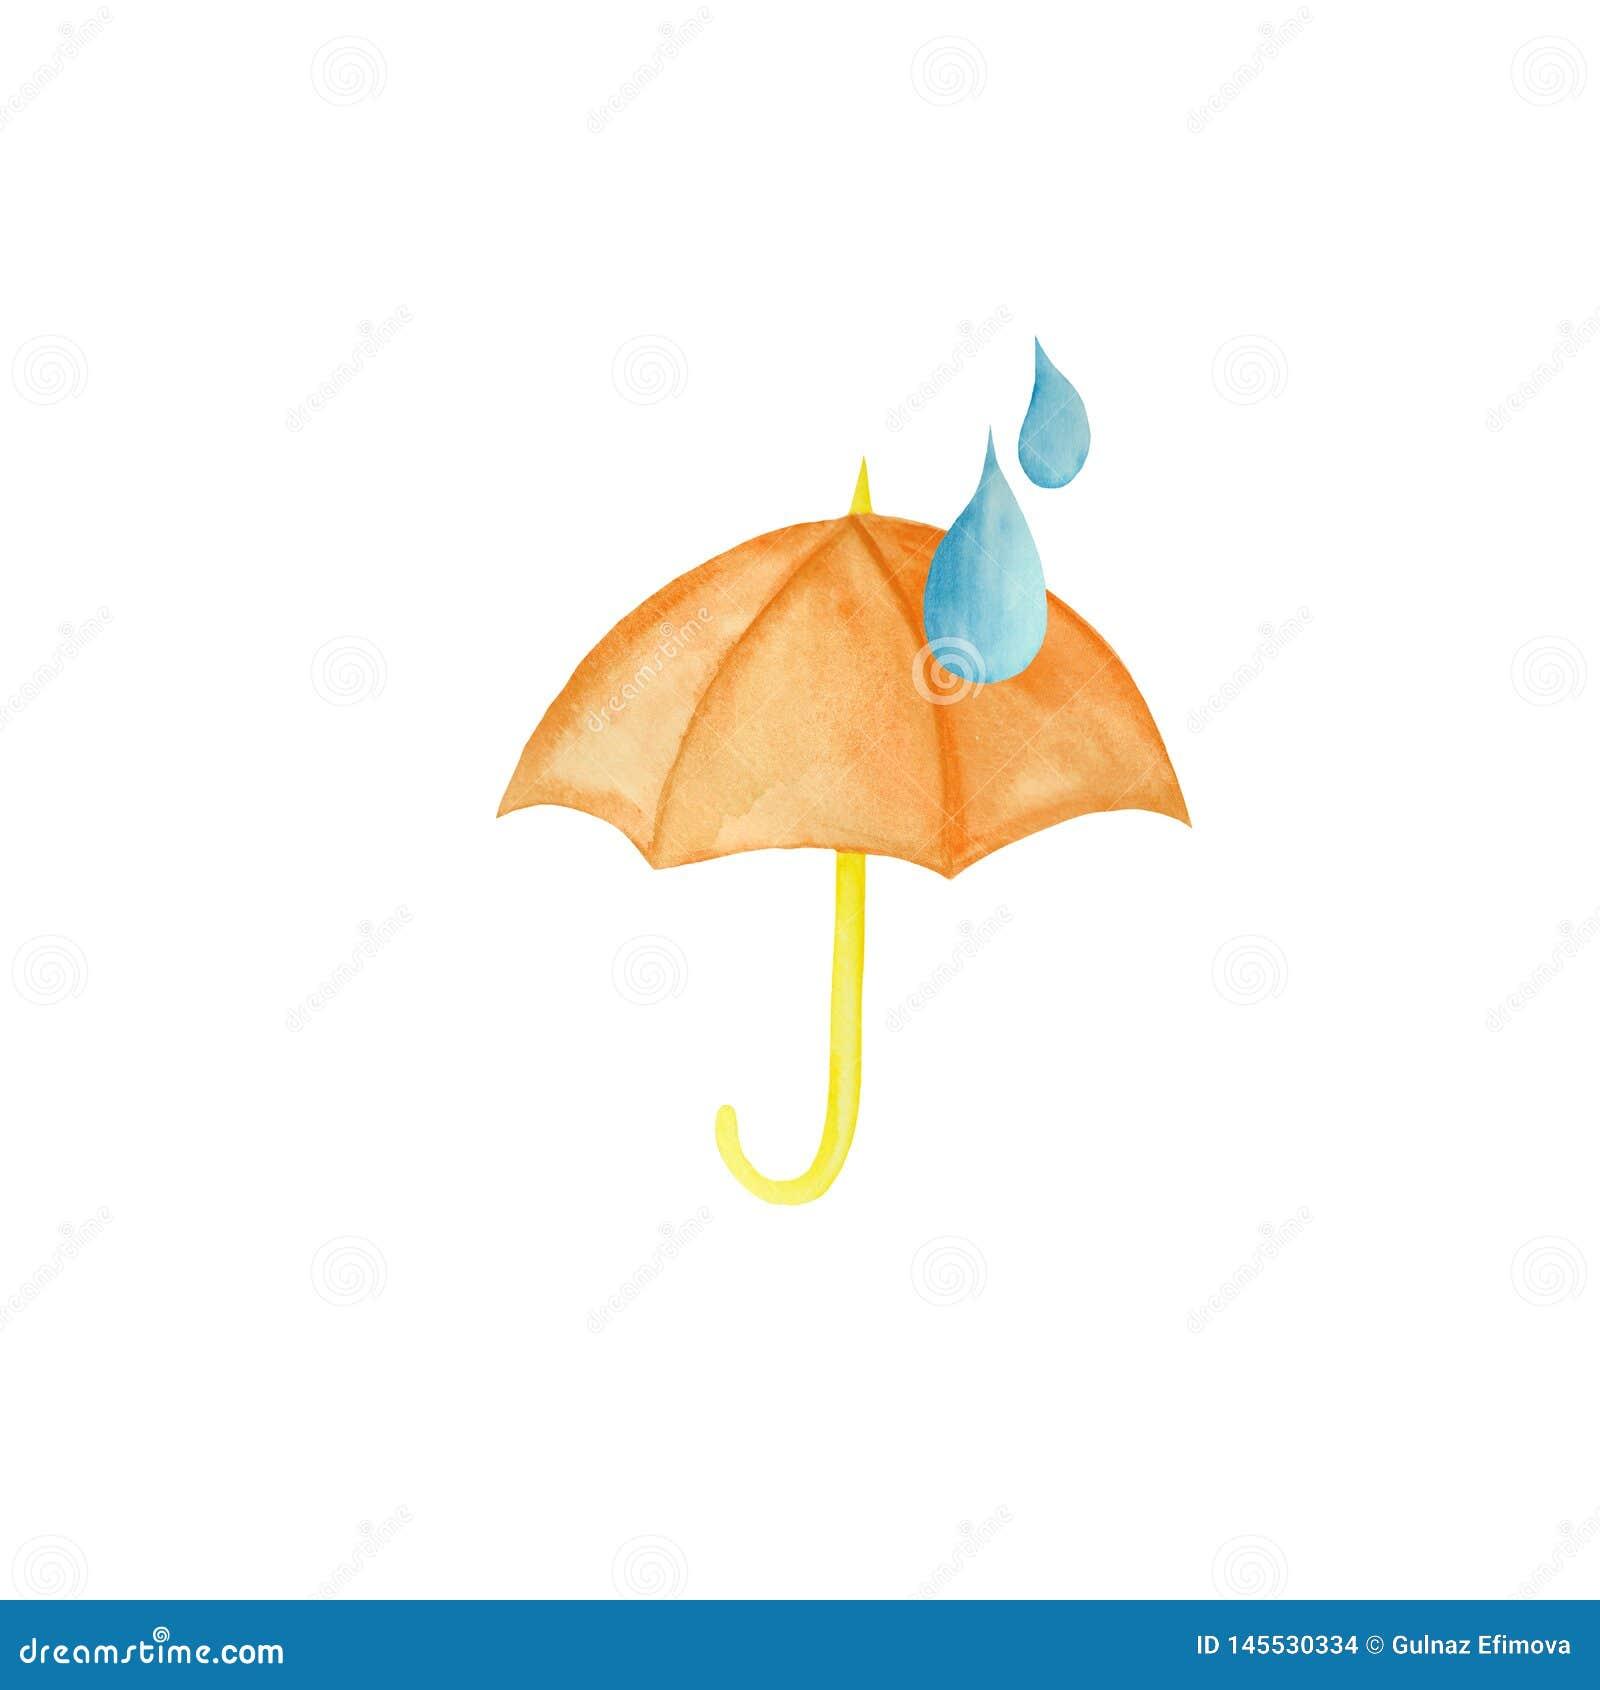 Waterverf met gele regen, paraplu, regenboog, regendruppels wordt geplaatst die